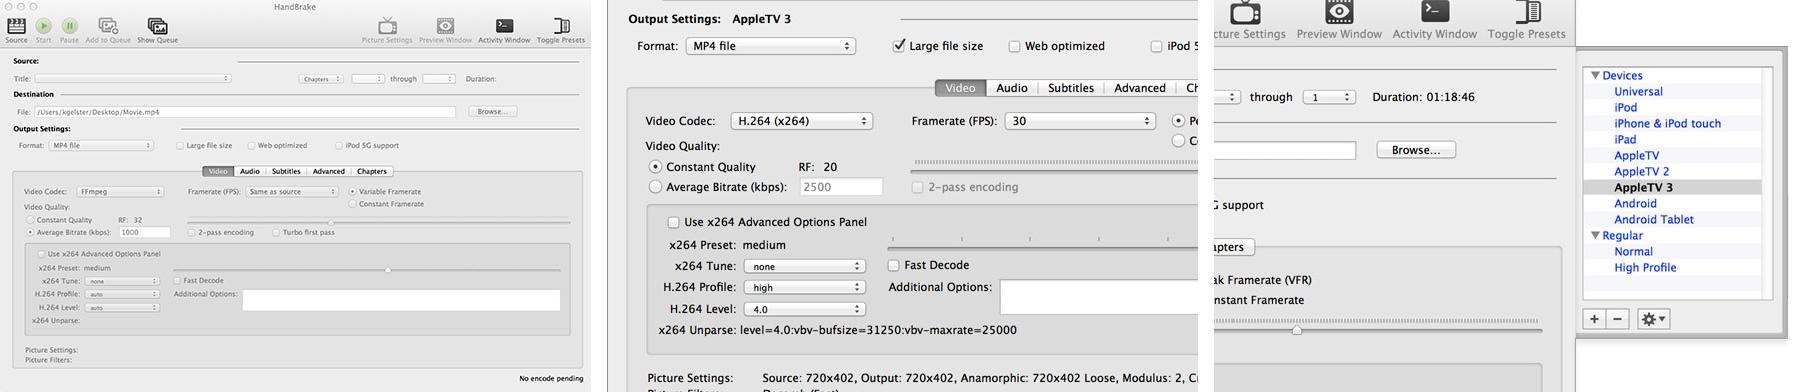 Handbrake 1.0 for macOS Mac screenshot 004